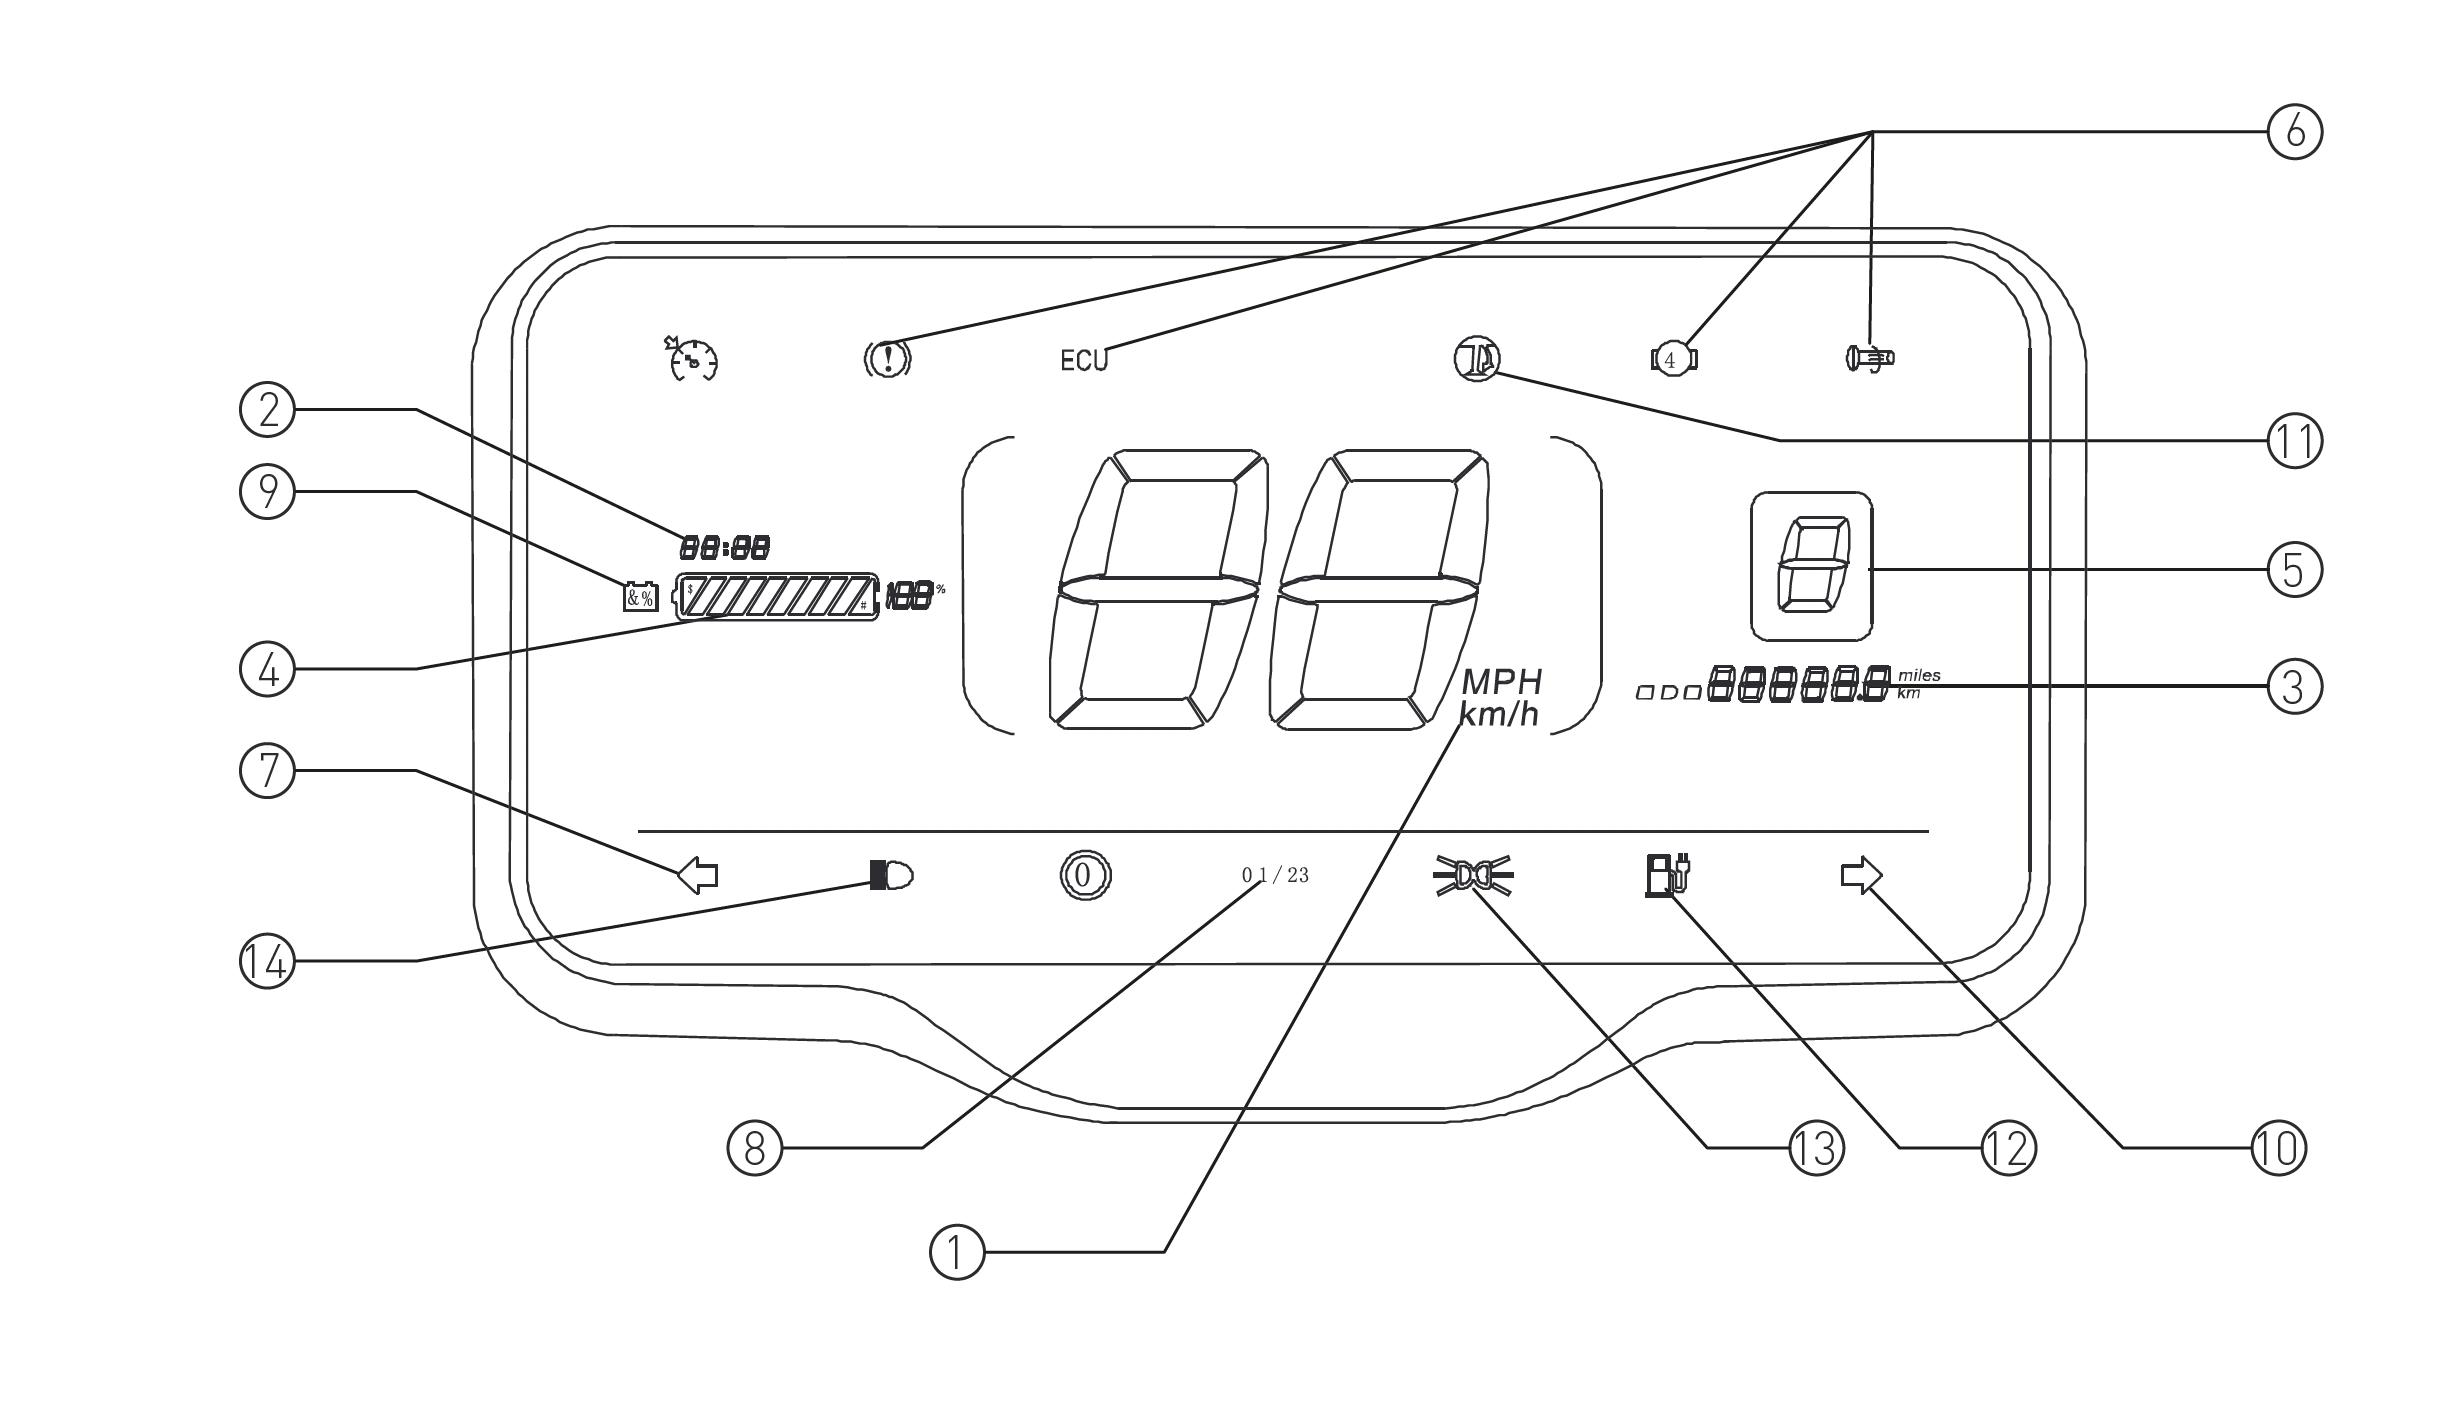 Tacho des Nova Motors S4 Elektro-Motorrollers